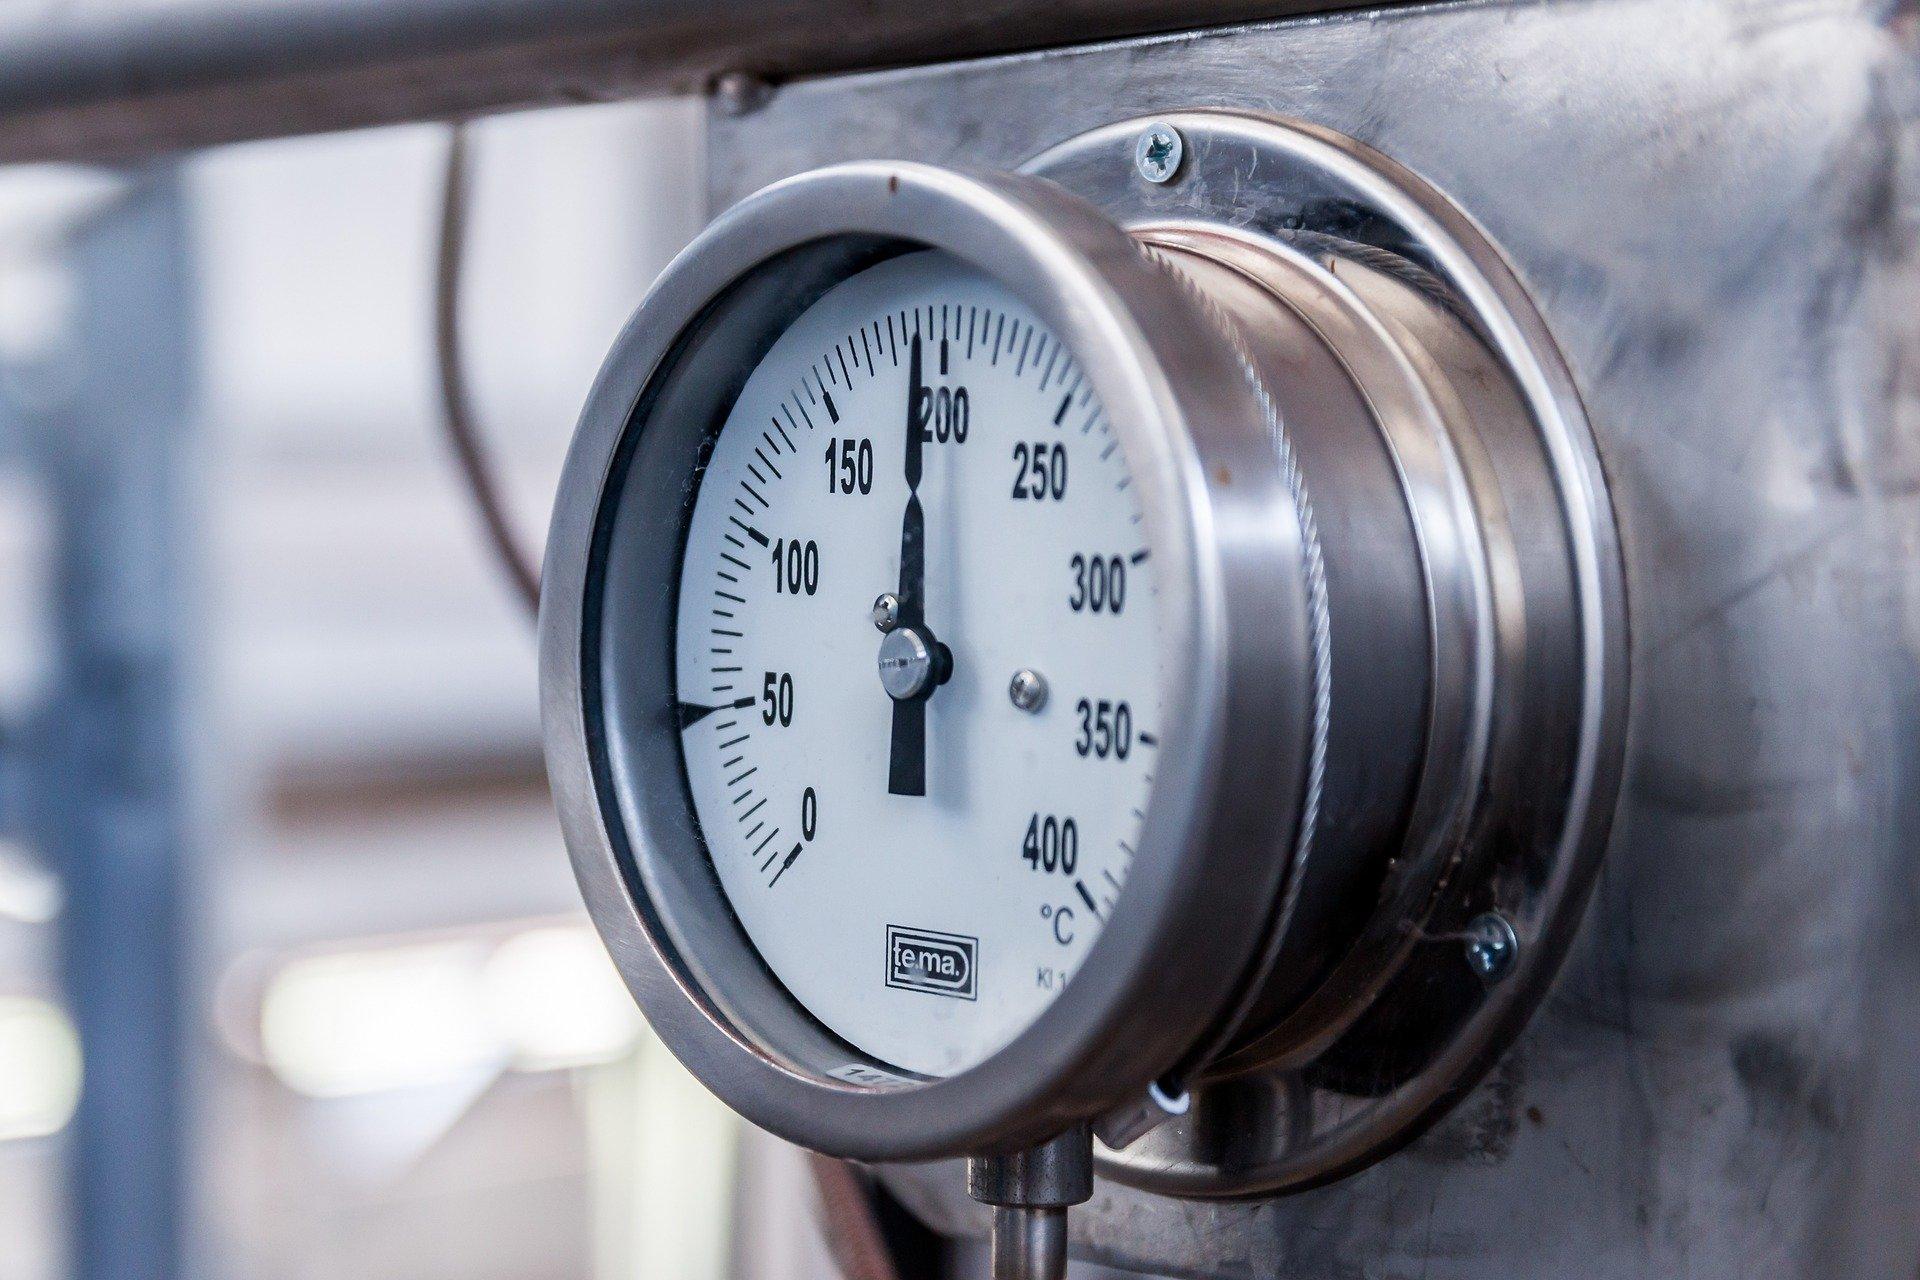 pressure gauge of boiler at home